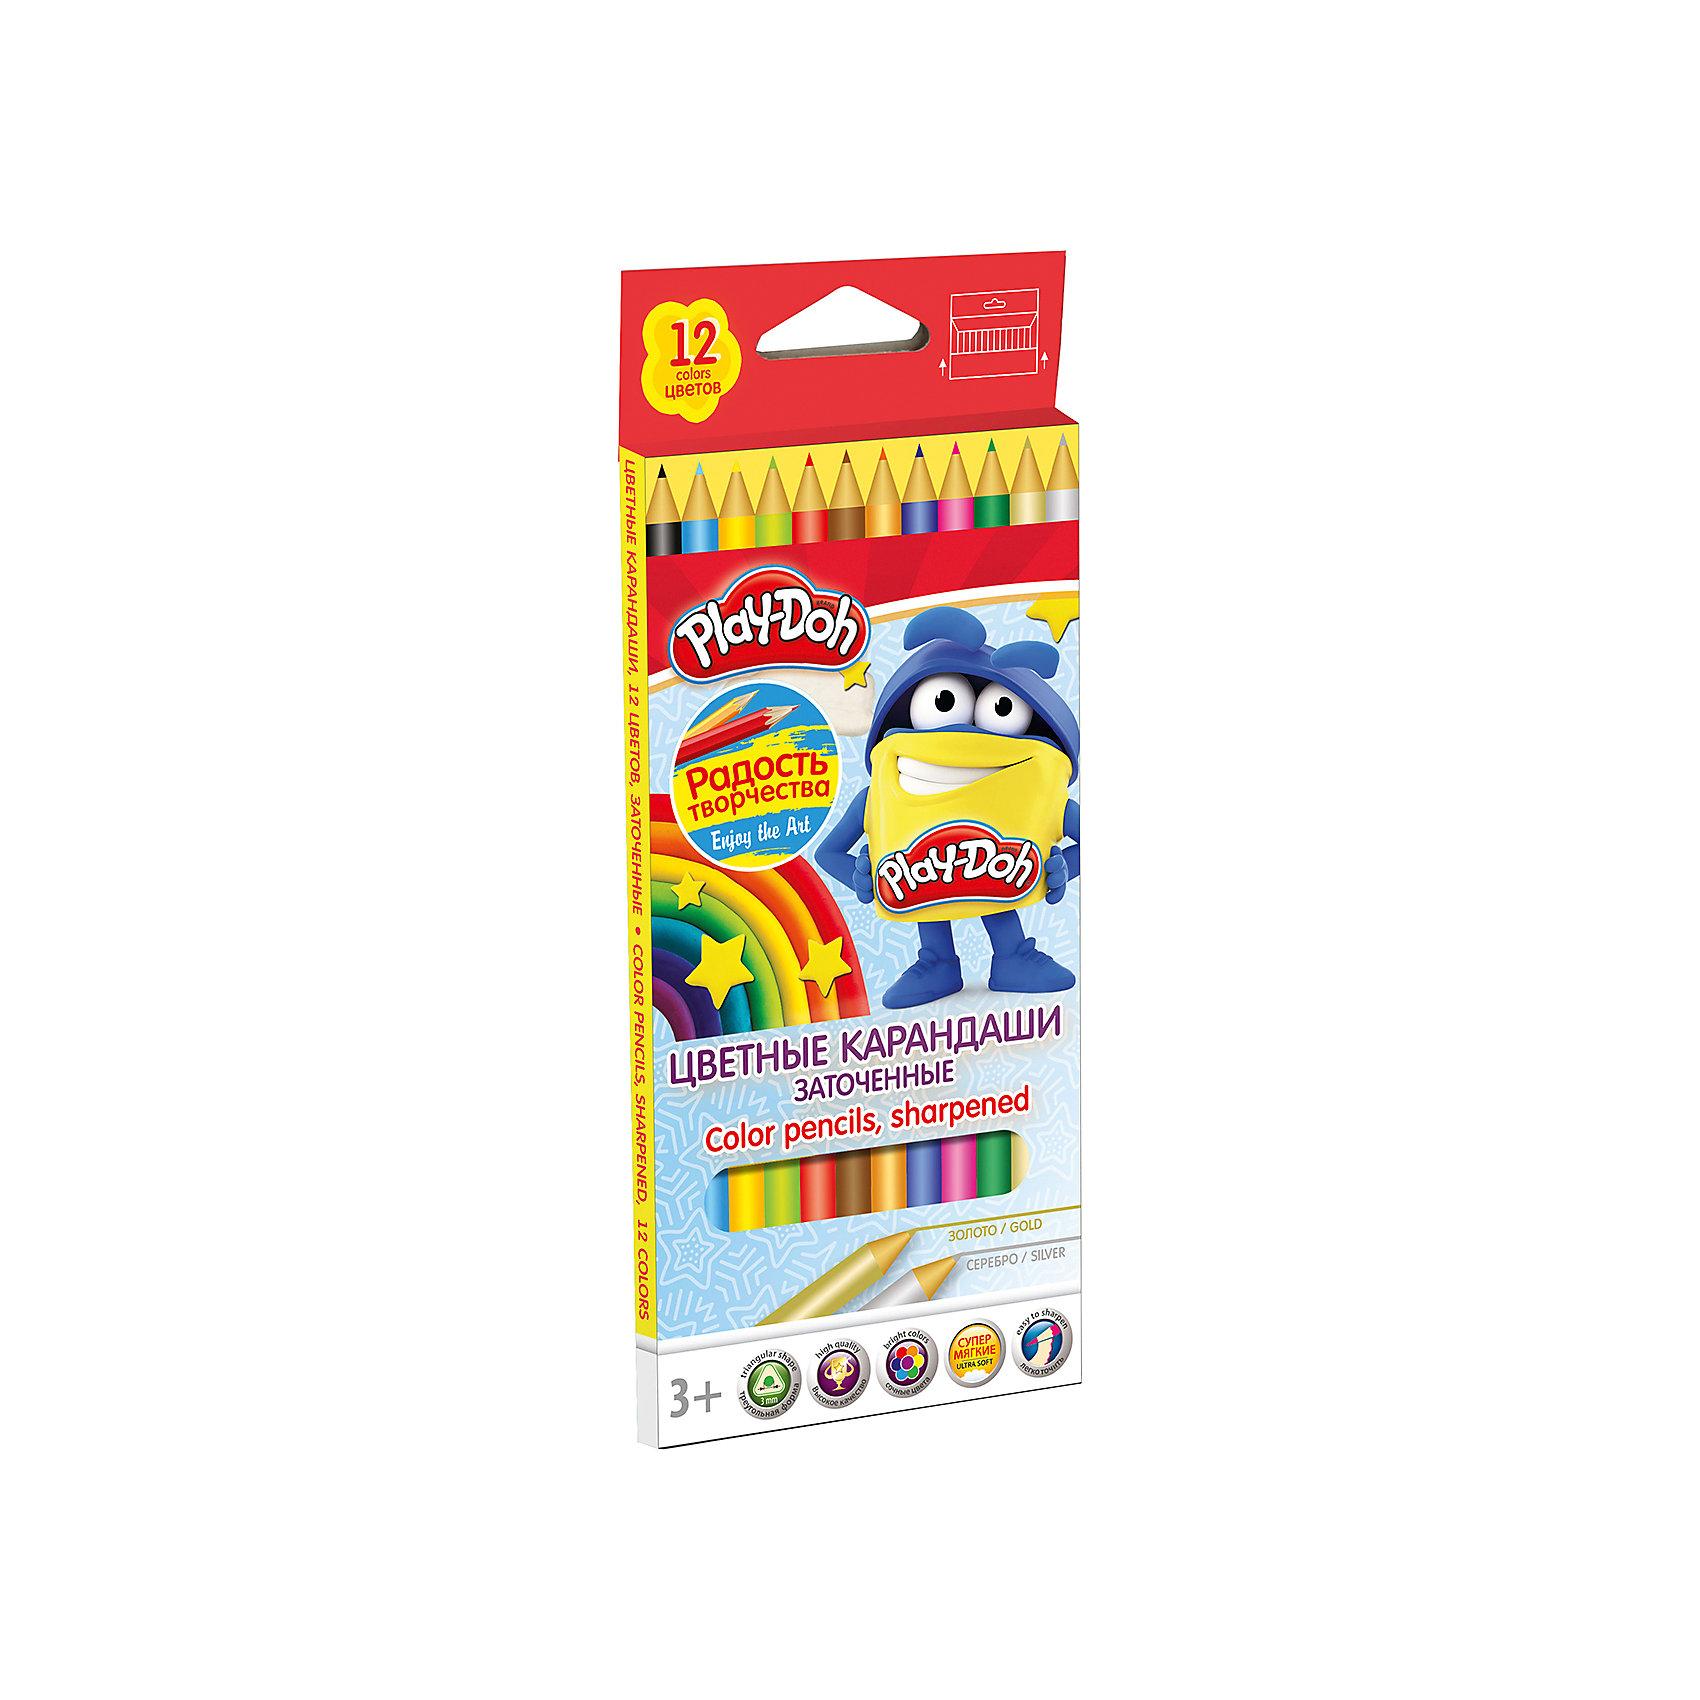 Академия групп Цветные карандаши 12 цветов, Play-Doh play doh набор для лепки магазинчик печенья play doh